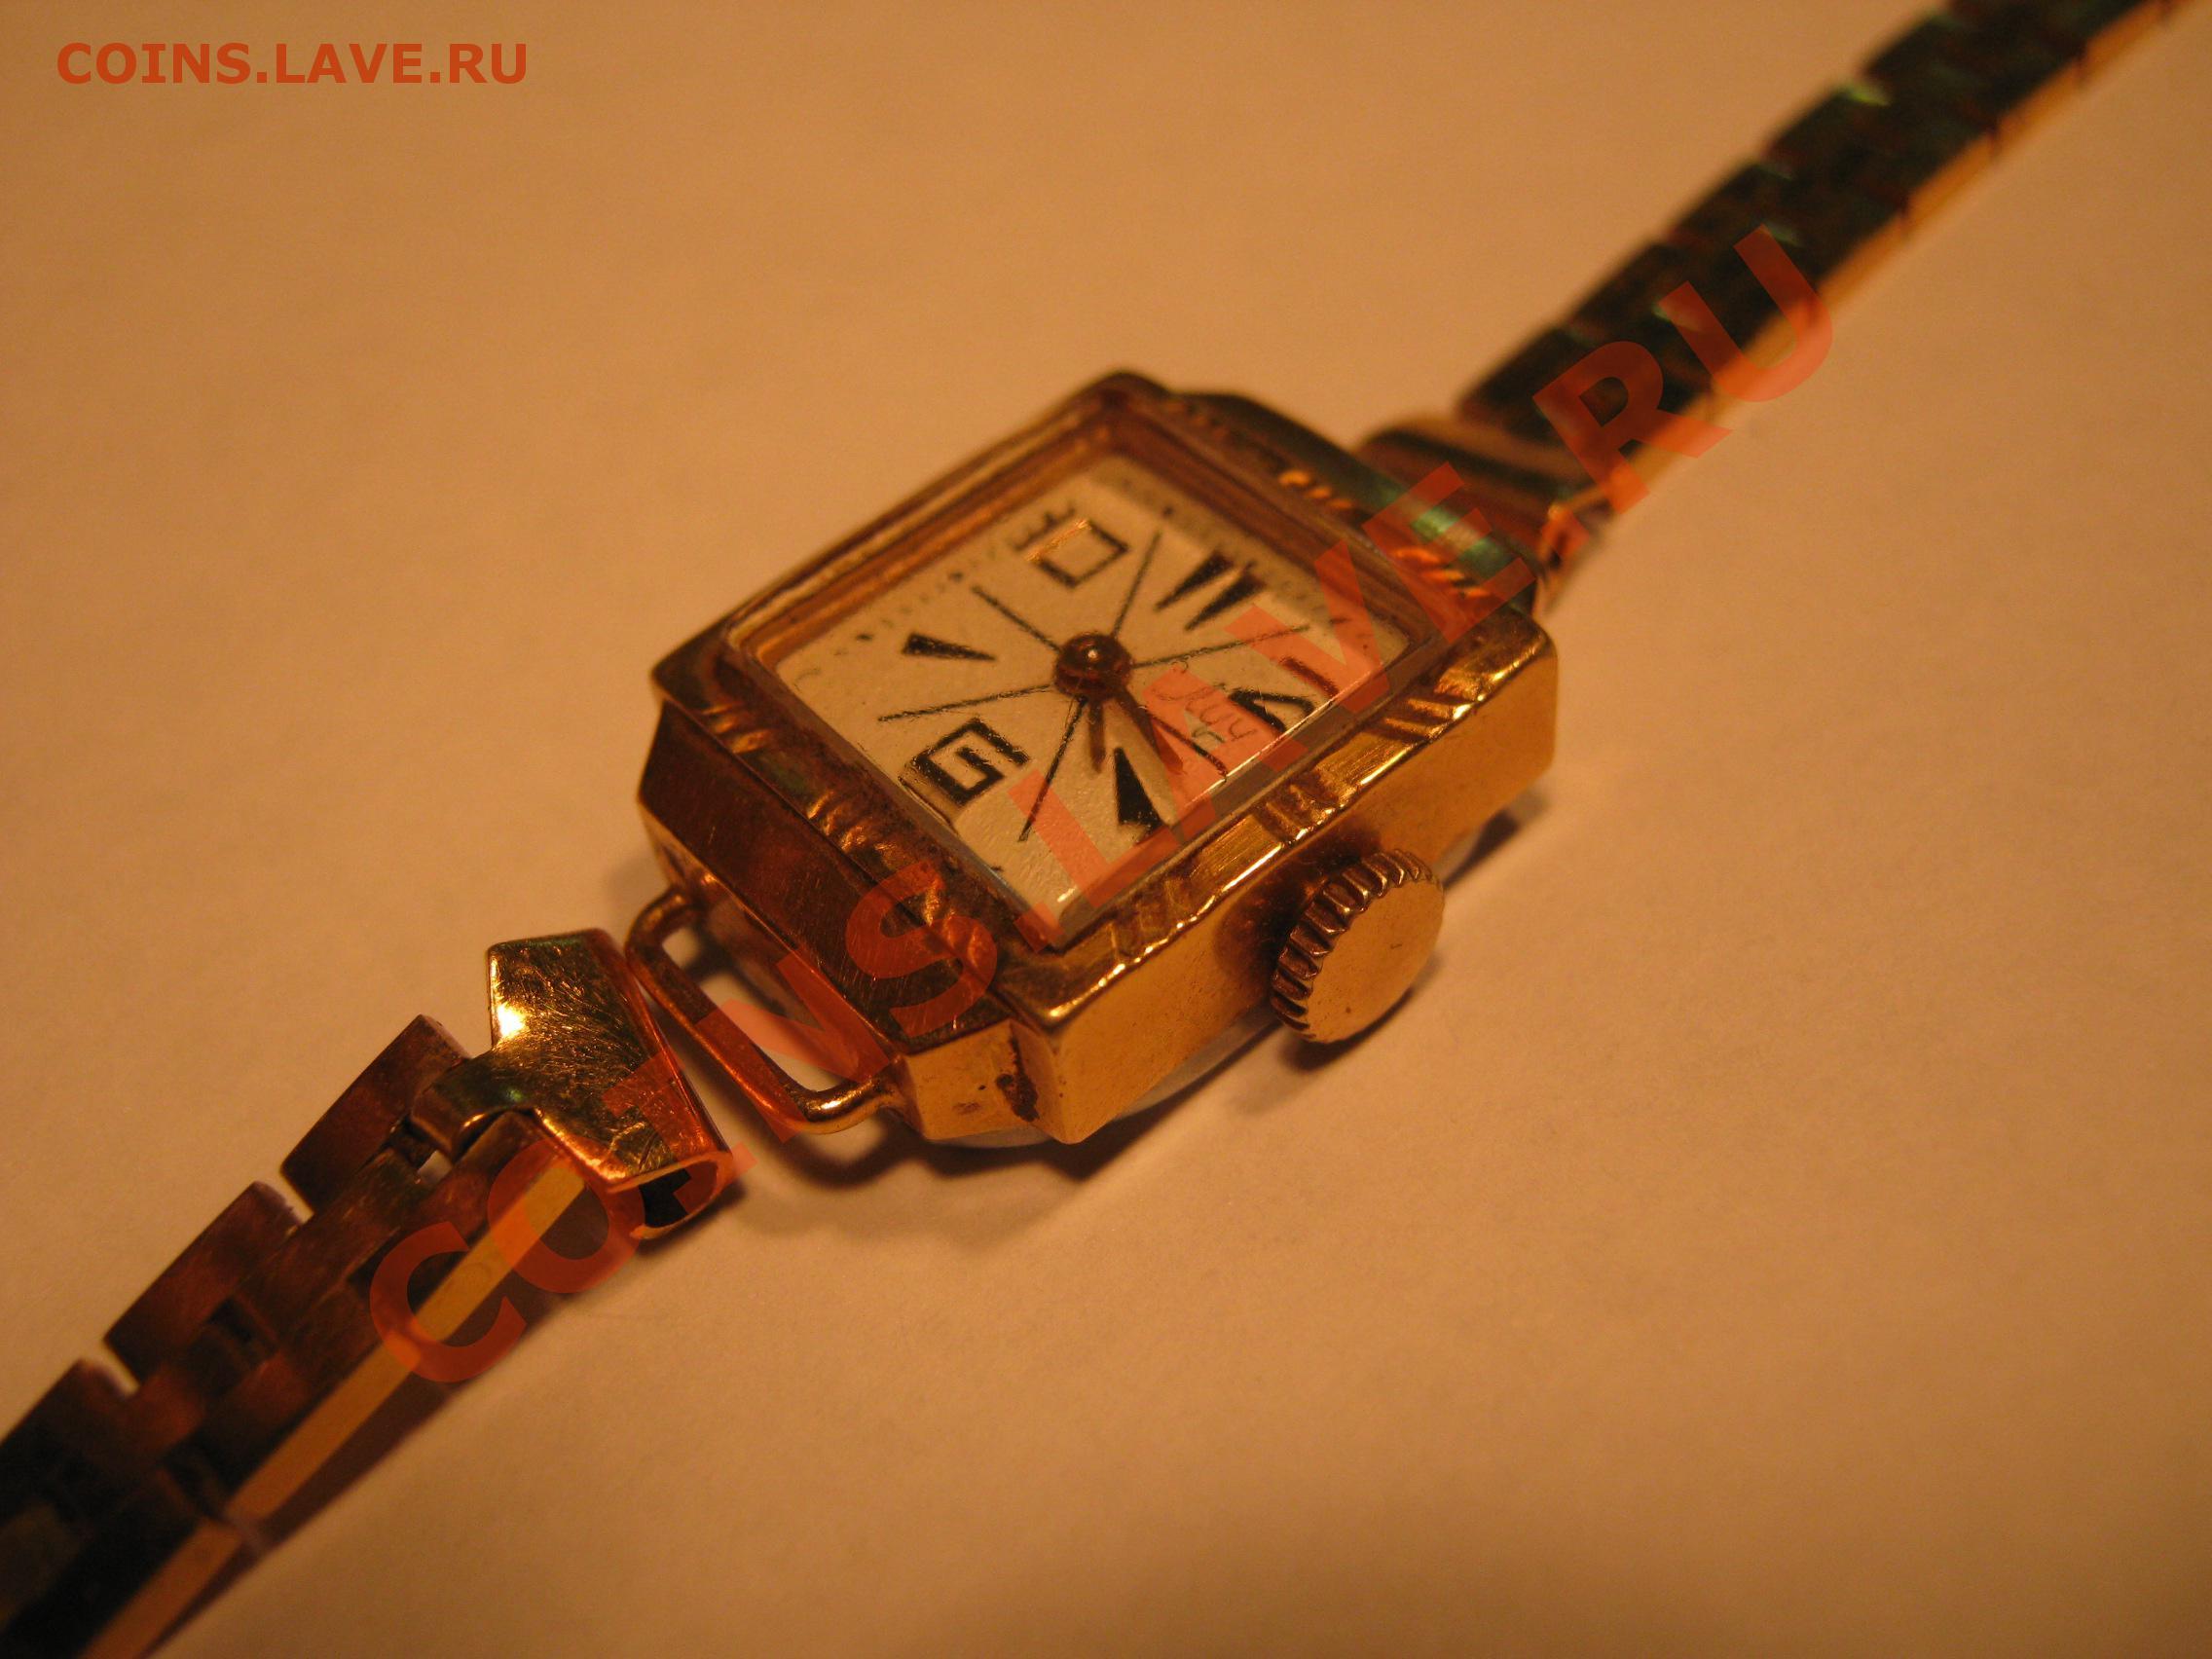 Ссср золотые луч стоимость часы москвы часовой ломбард